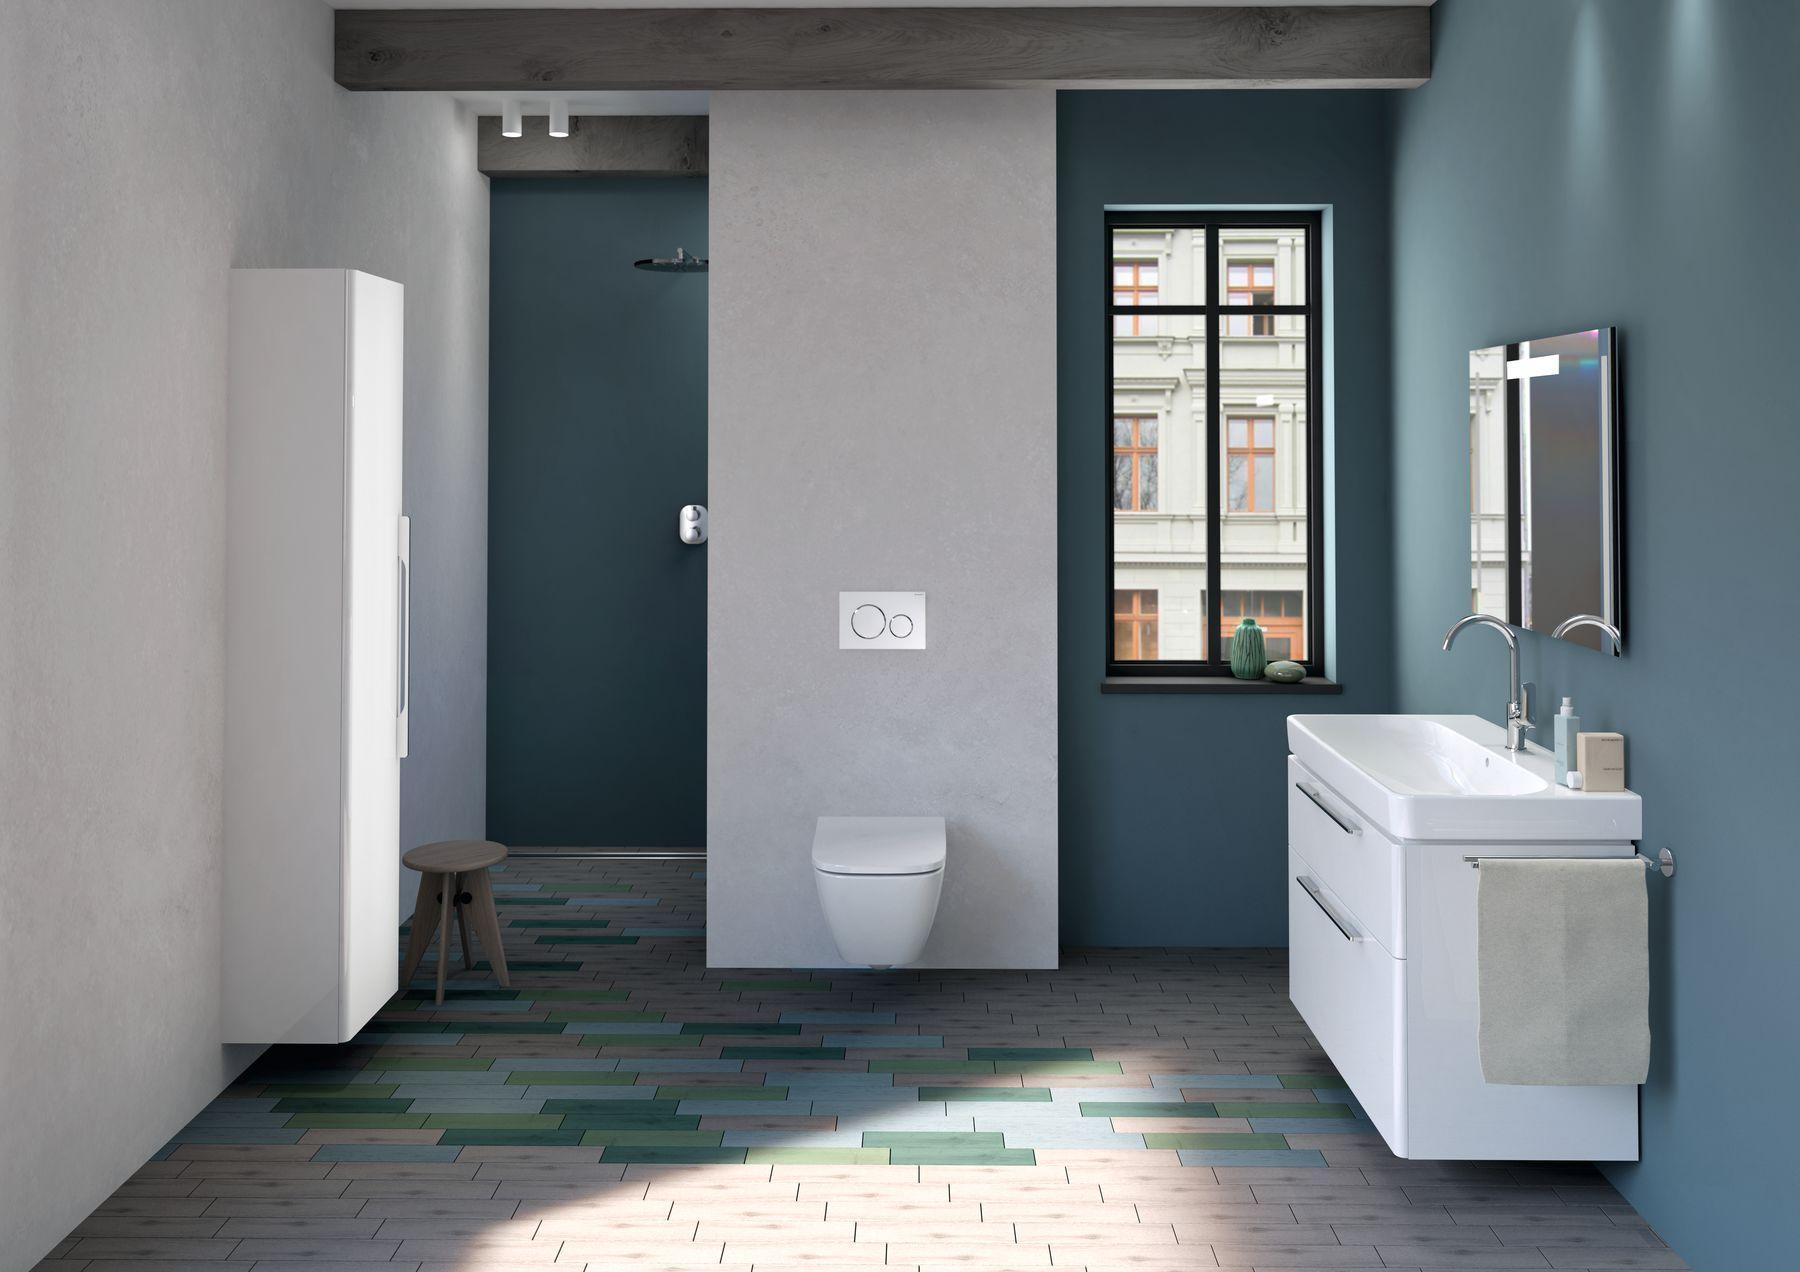 cette salle de bains r ussit la combinaison parfaite entre le moderne et le traditionnel un. Black Bedroom Furniture Sets. Home Design Ideas